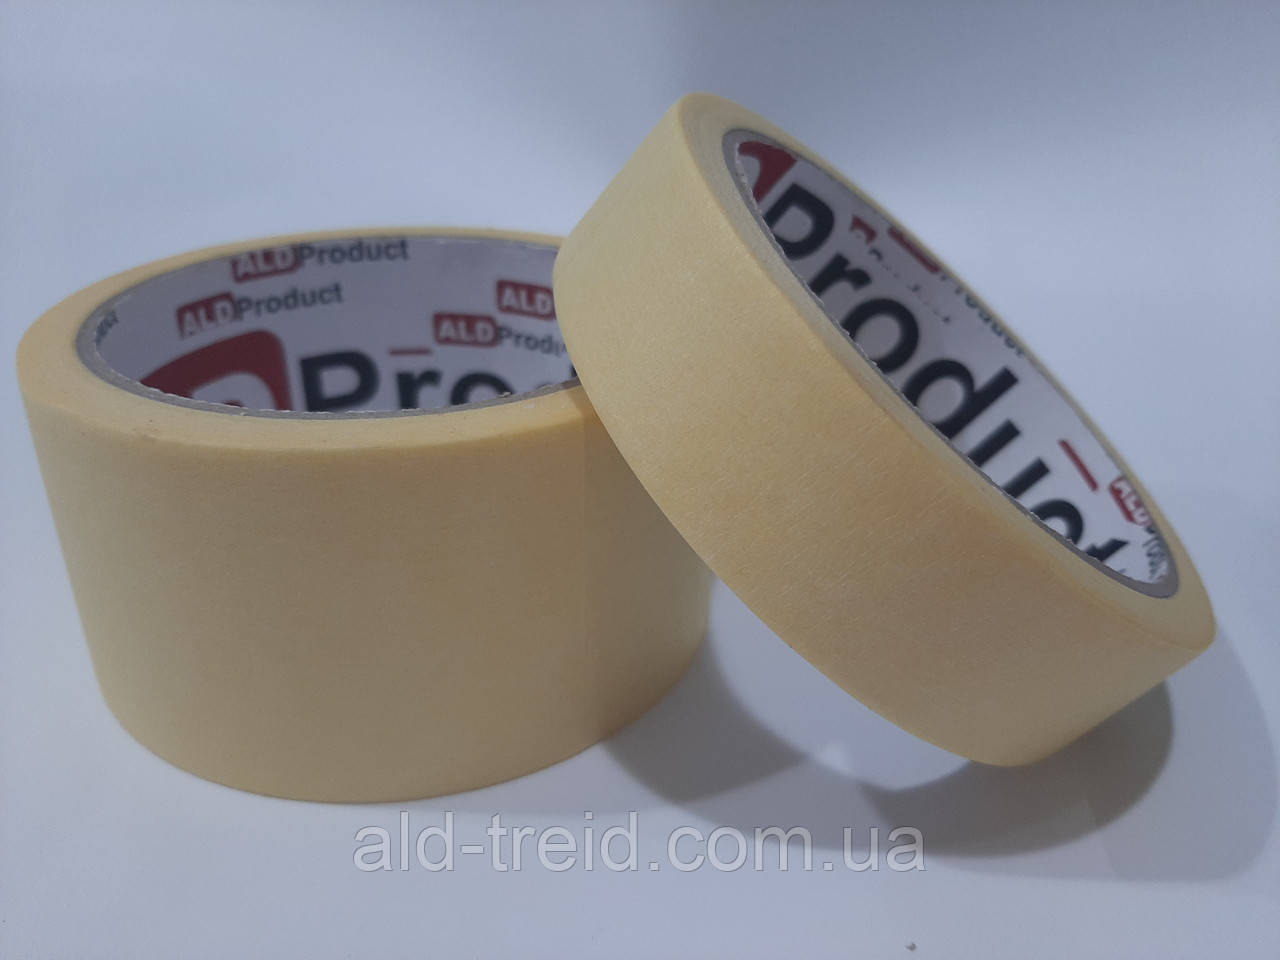 Скотч малярный 24*20 (40 мкм) ALD Product желтый